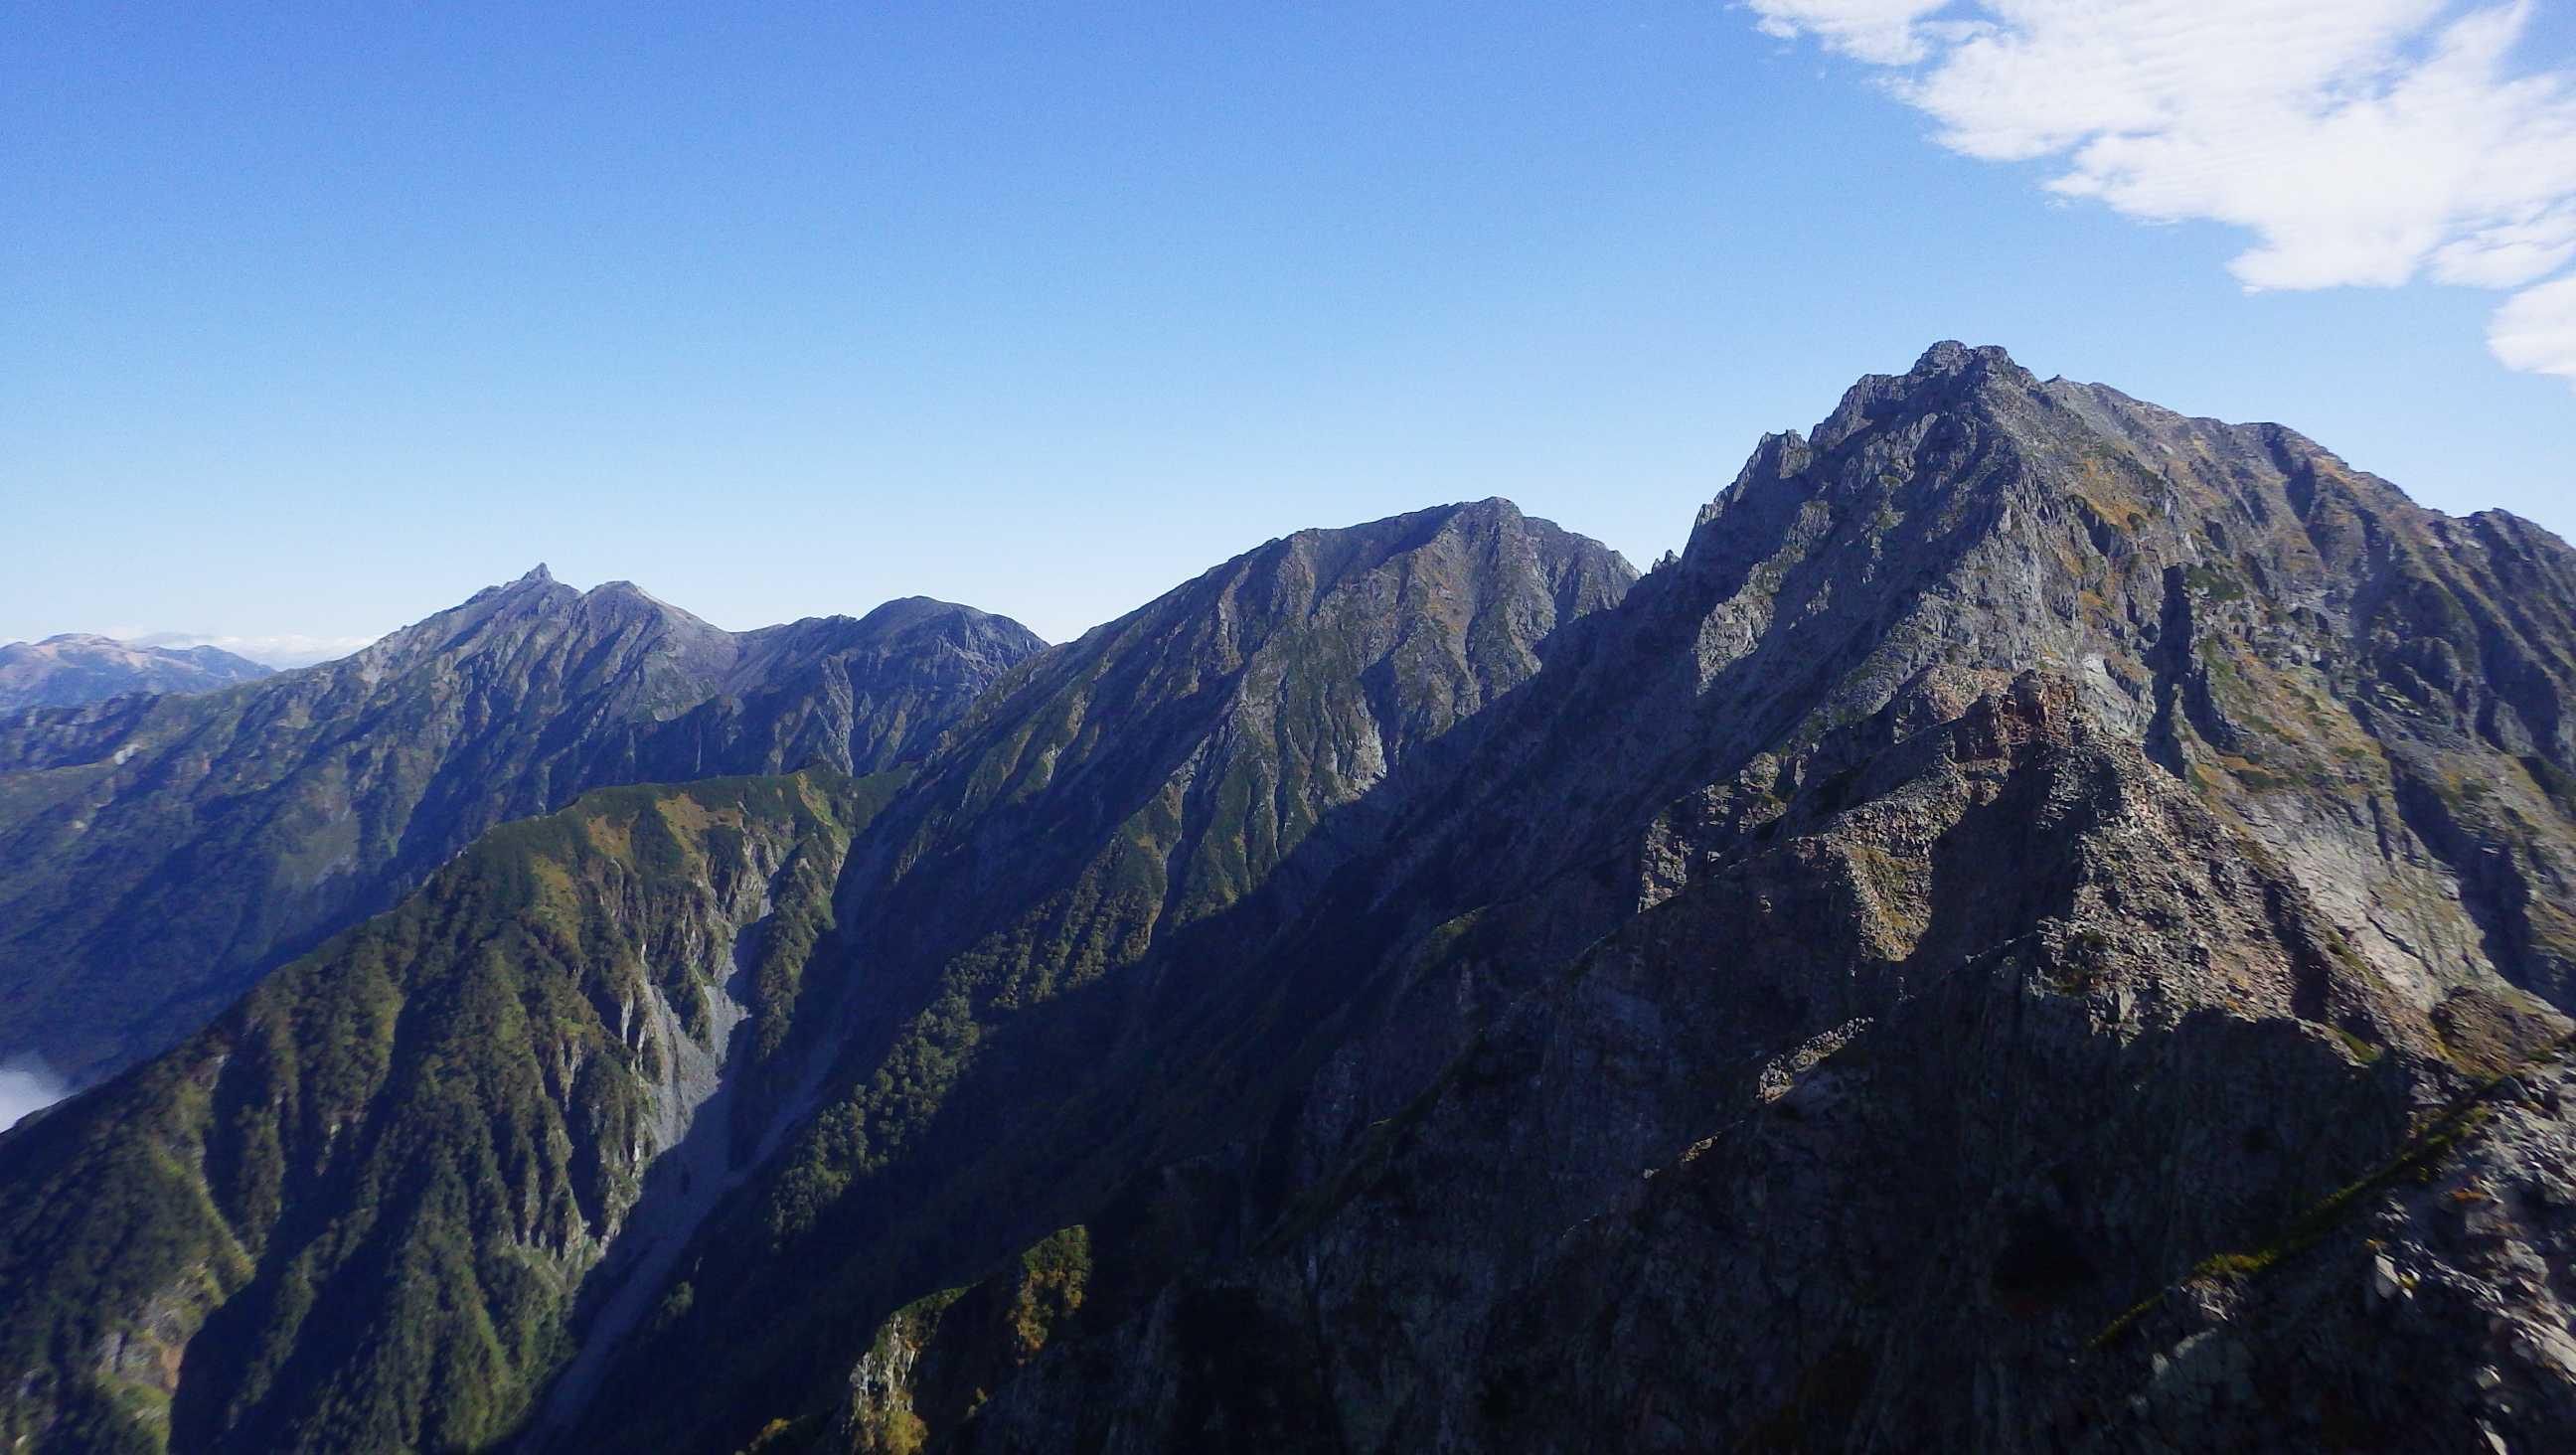 北アルプス穂高岳 Part 4 - toug...